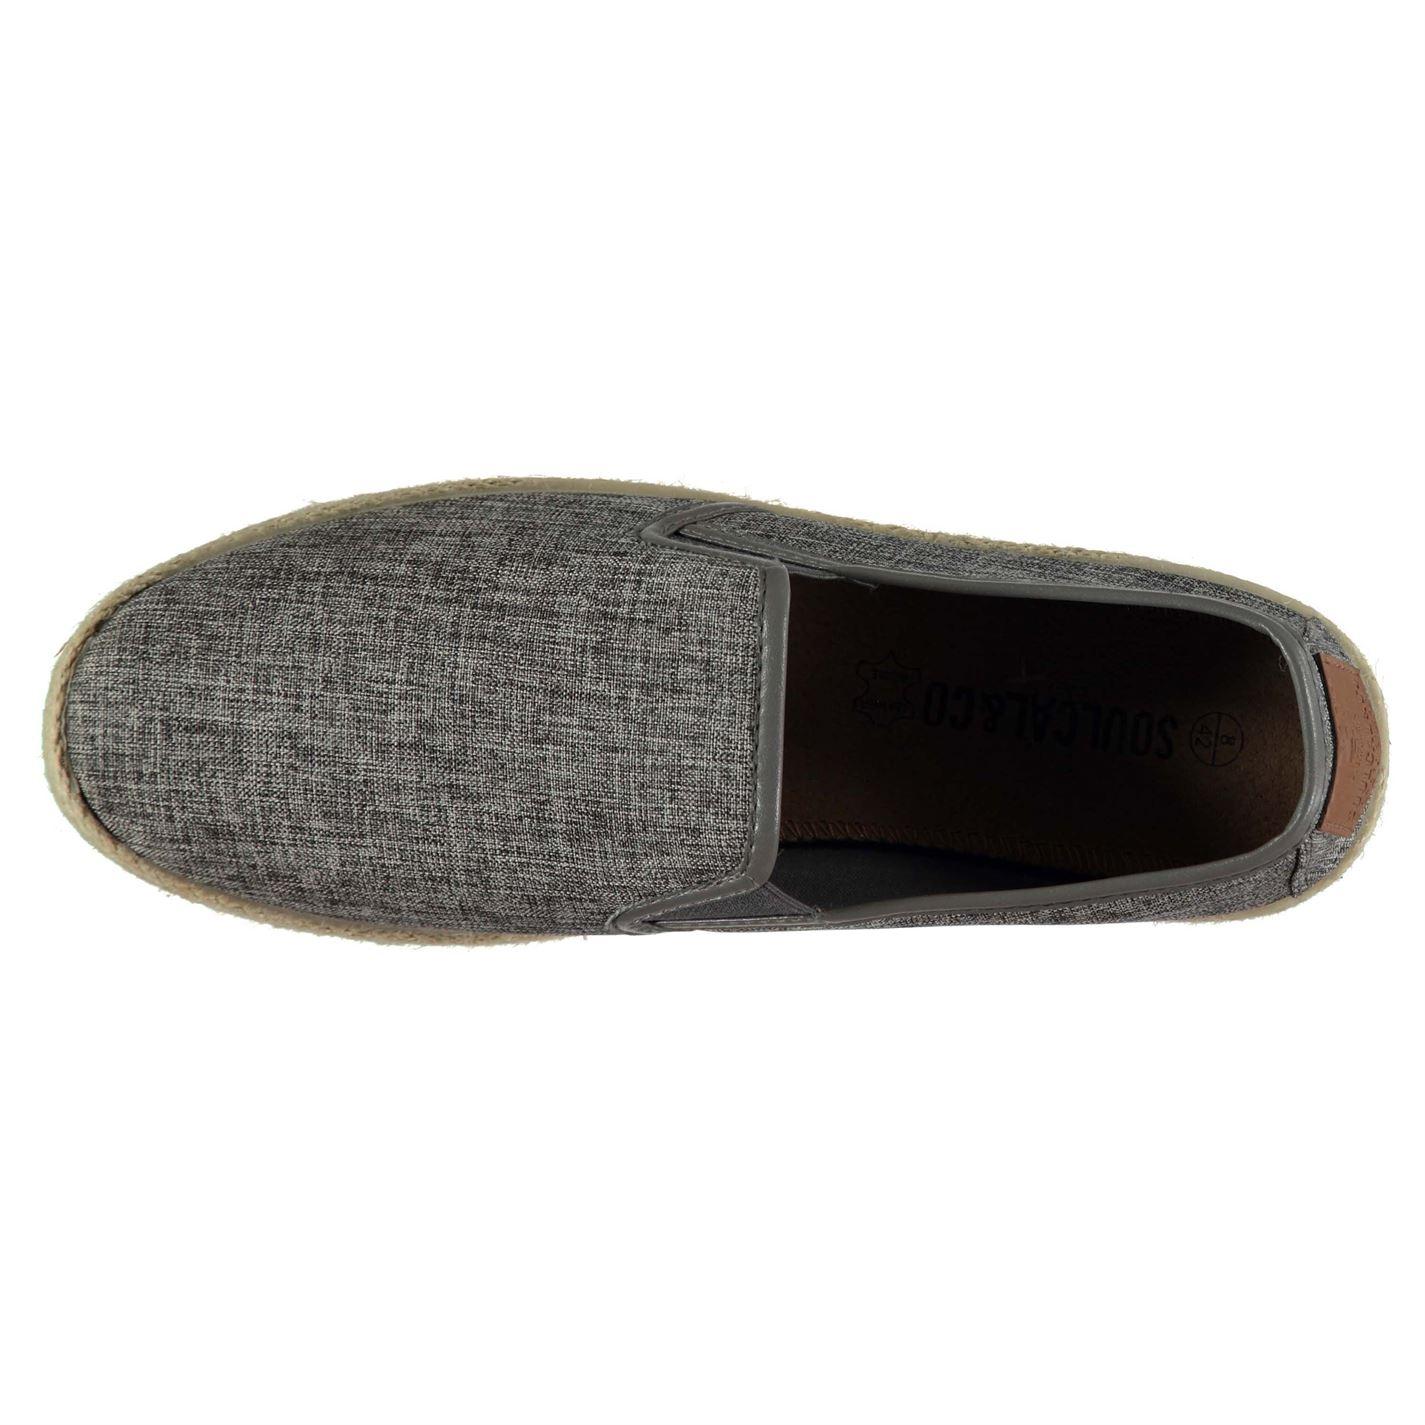 Soulcal Mesh Escarpins Chaussures Homme Gents Toile À Enfiler Confort Quotidien